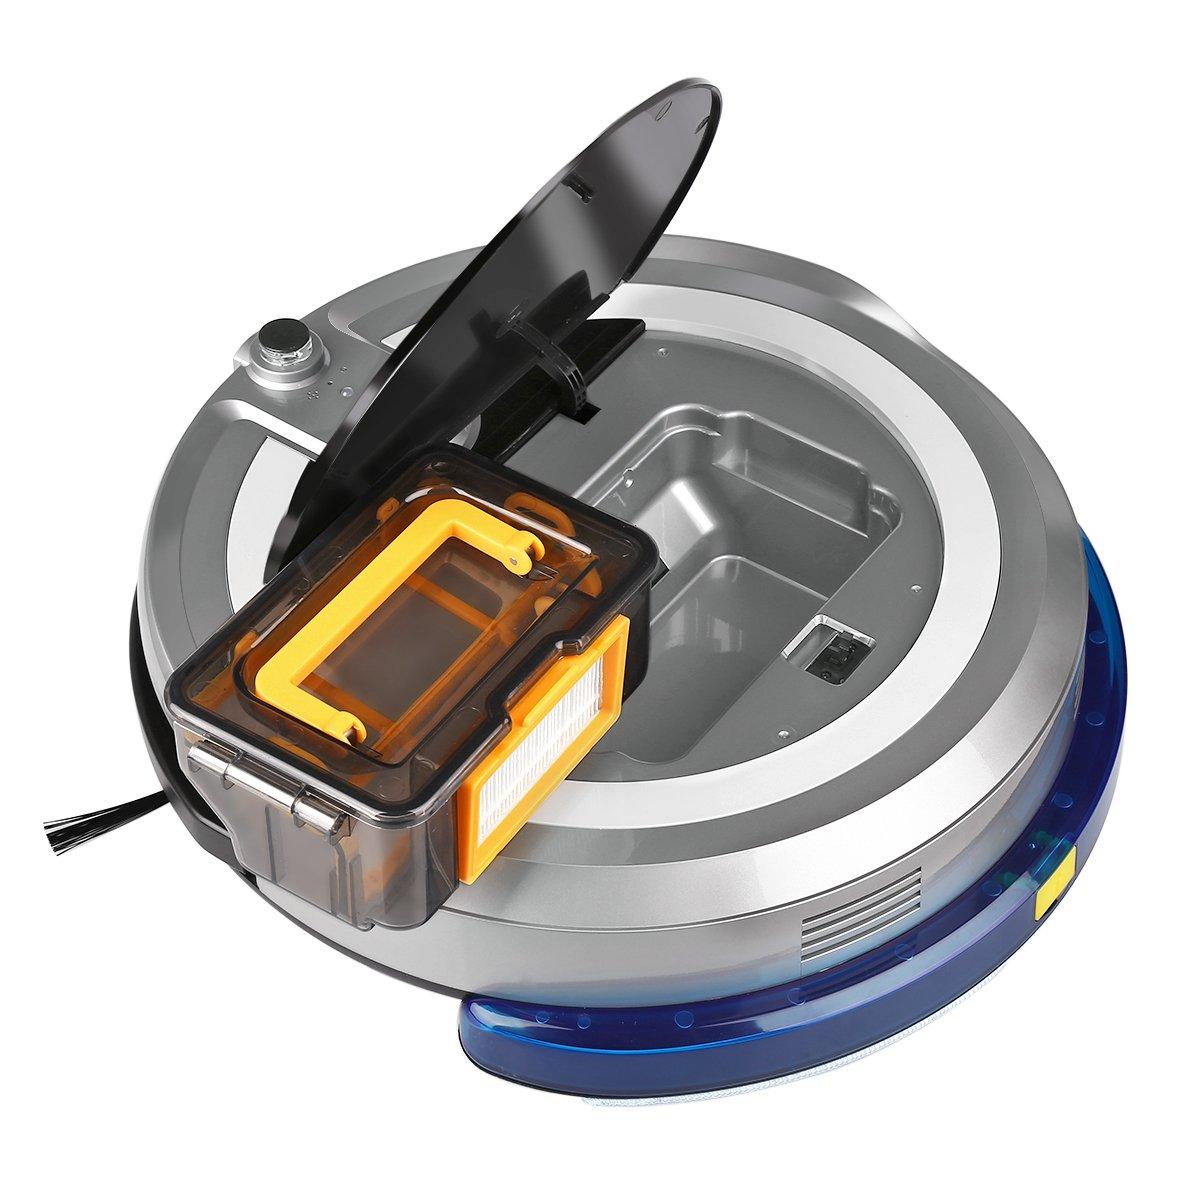 Jisiwei i3 - Robot Aspirador Controle por Movil localización visual (Camara HD, 600ML Capacidad, 90-120 mins, Suelo de cerámica, madera, mármol o alfombra), ...